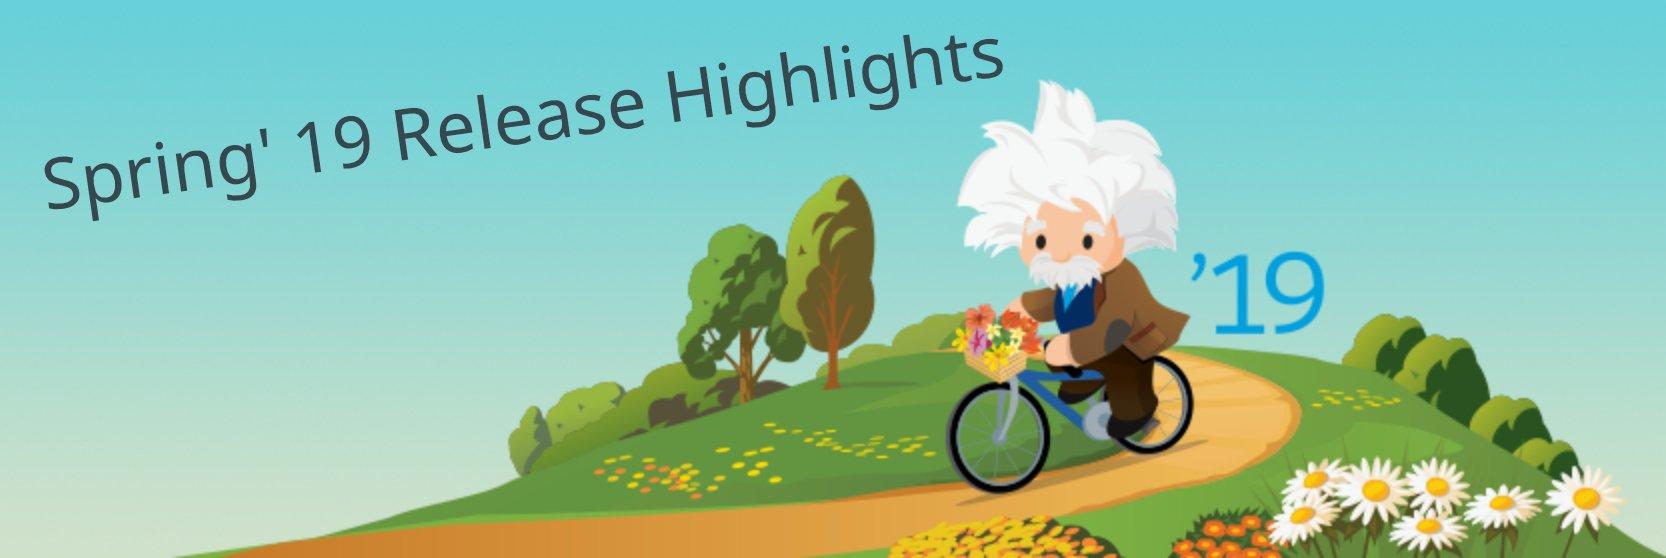 Highlights des Spring 19 Release